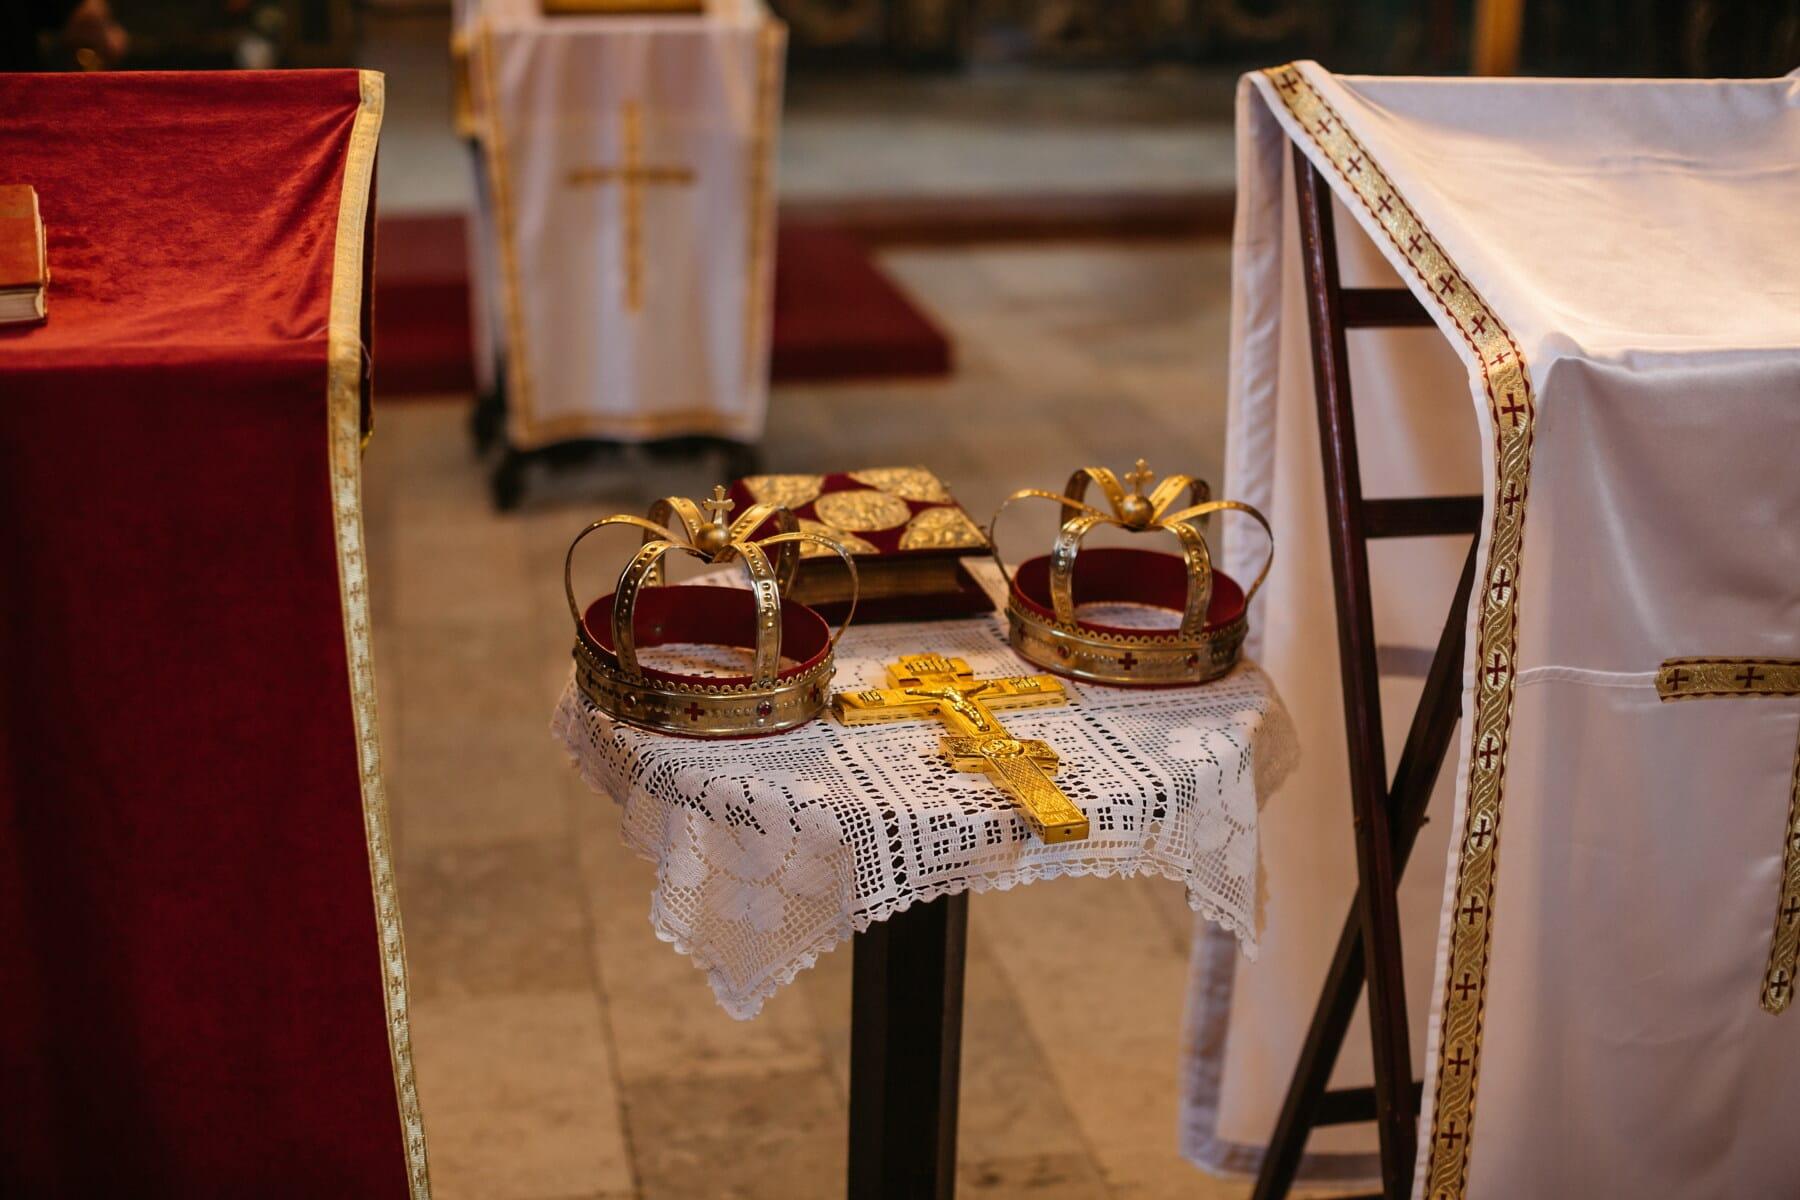 baptême, couronnement, église, or, Croix, Couronne, table, mariage, vaisselle, meubles